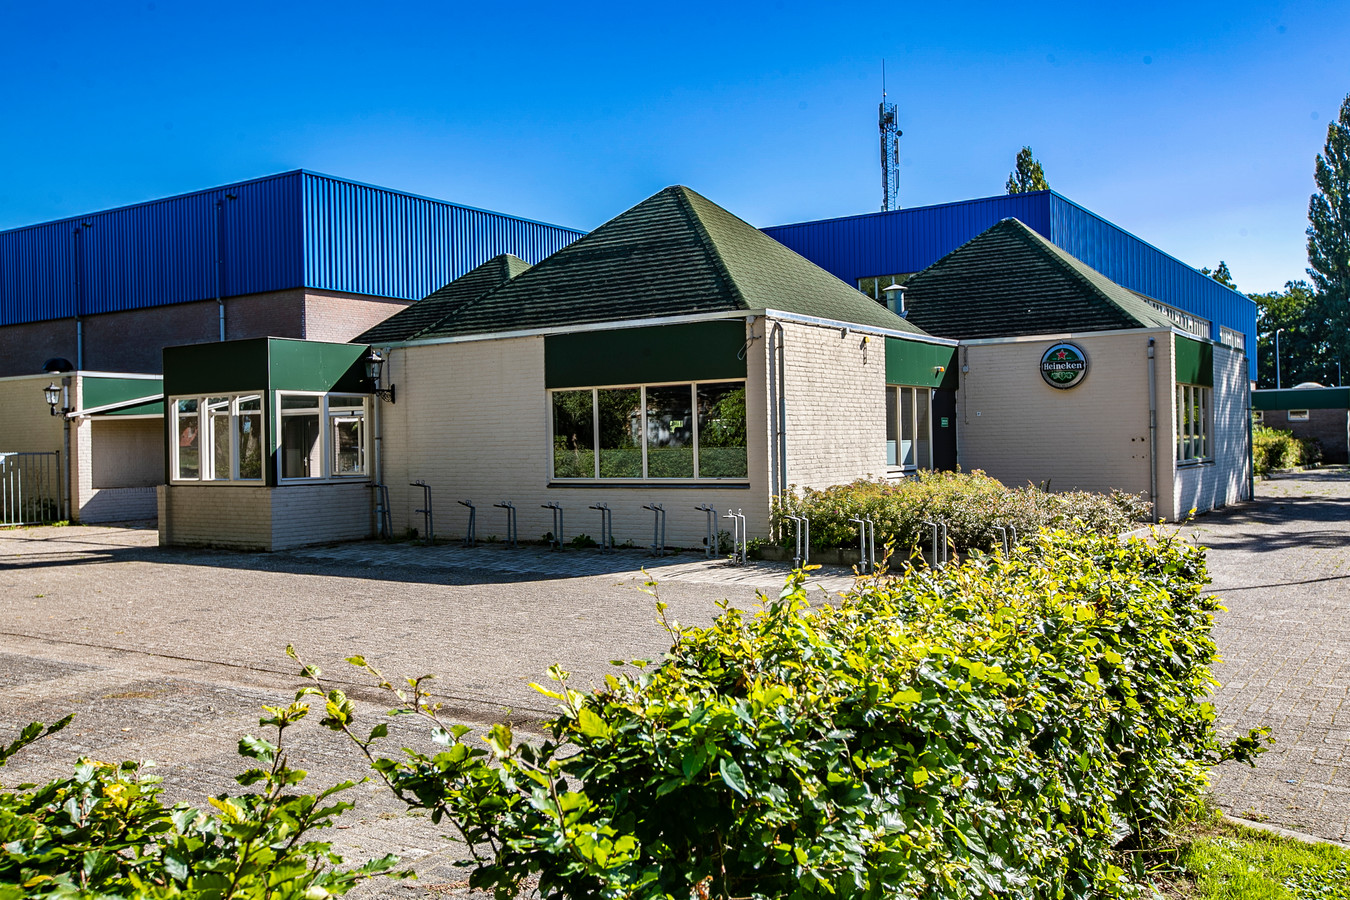 Sportcafé De Hooiberg was het enige café in Olst maar is vanwege een geschil over de vergunning al meer dan een jaar dicht.